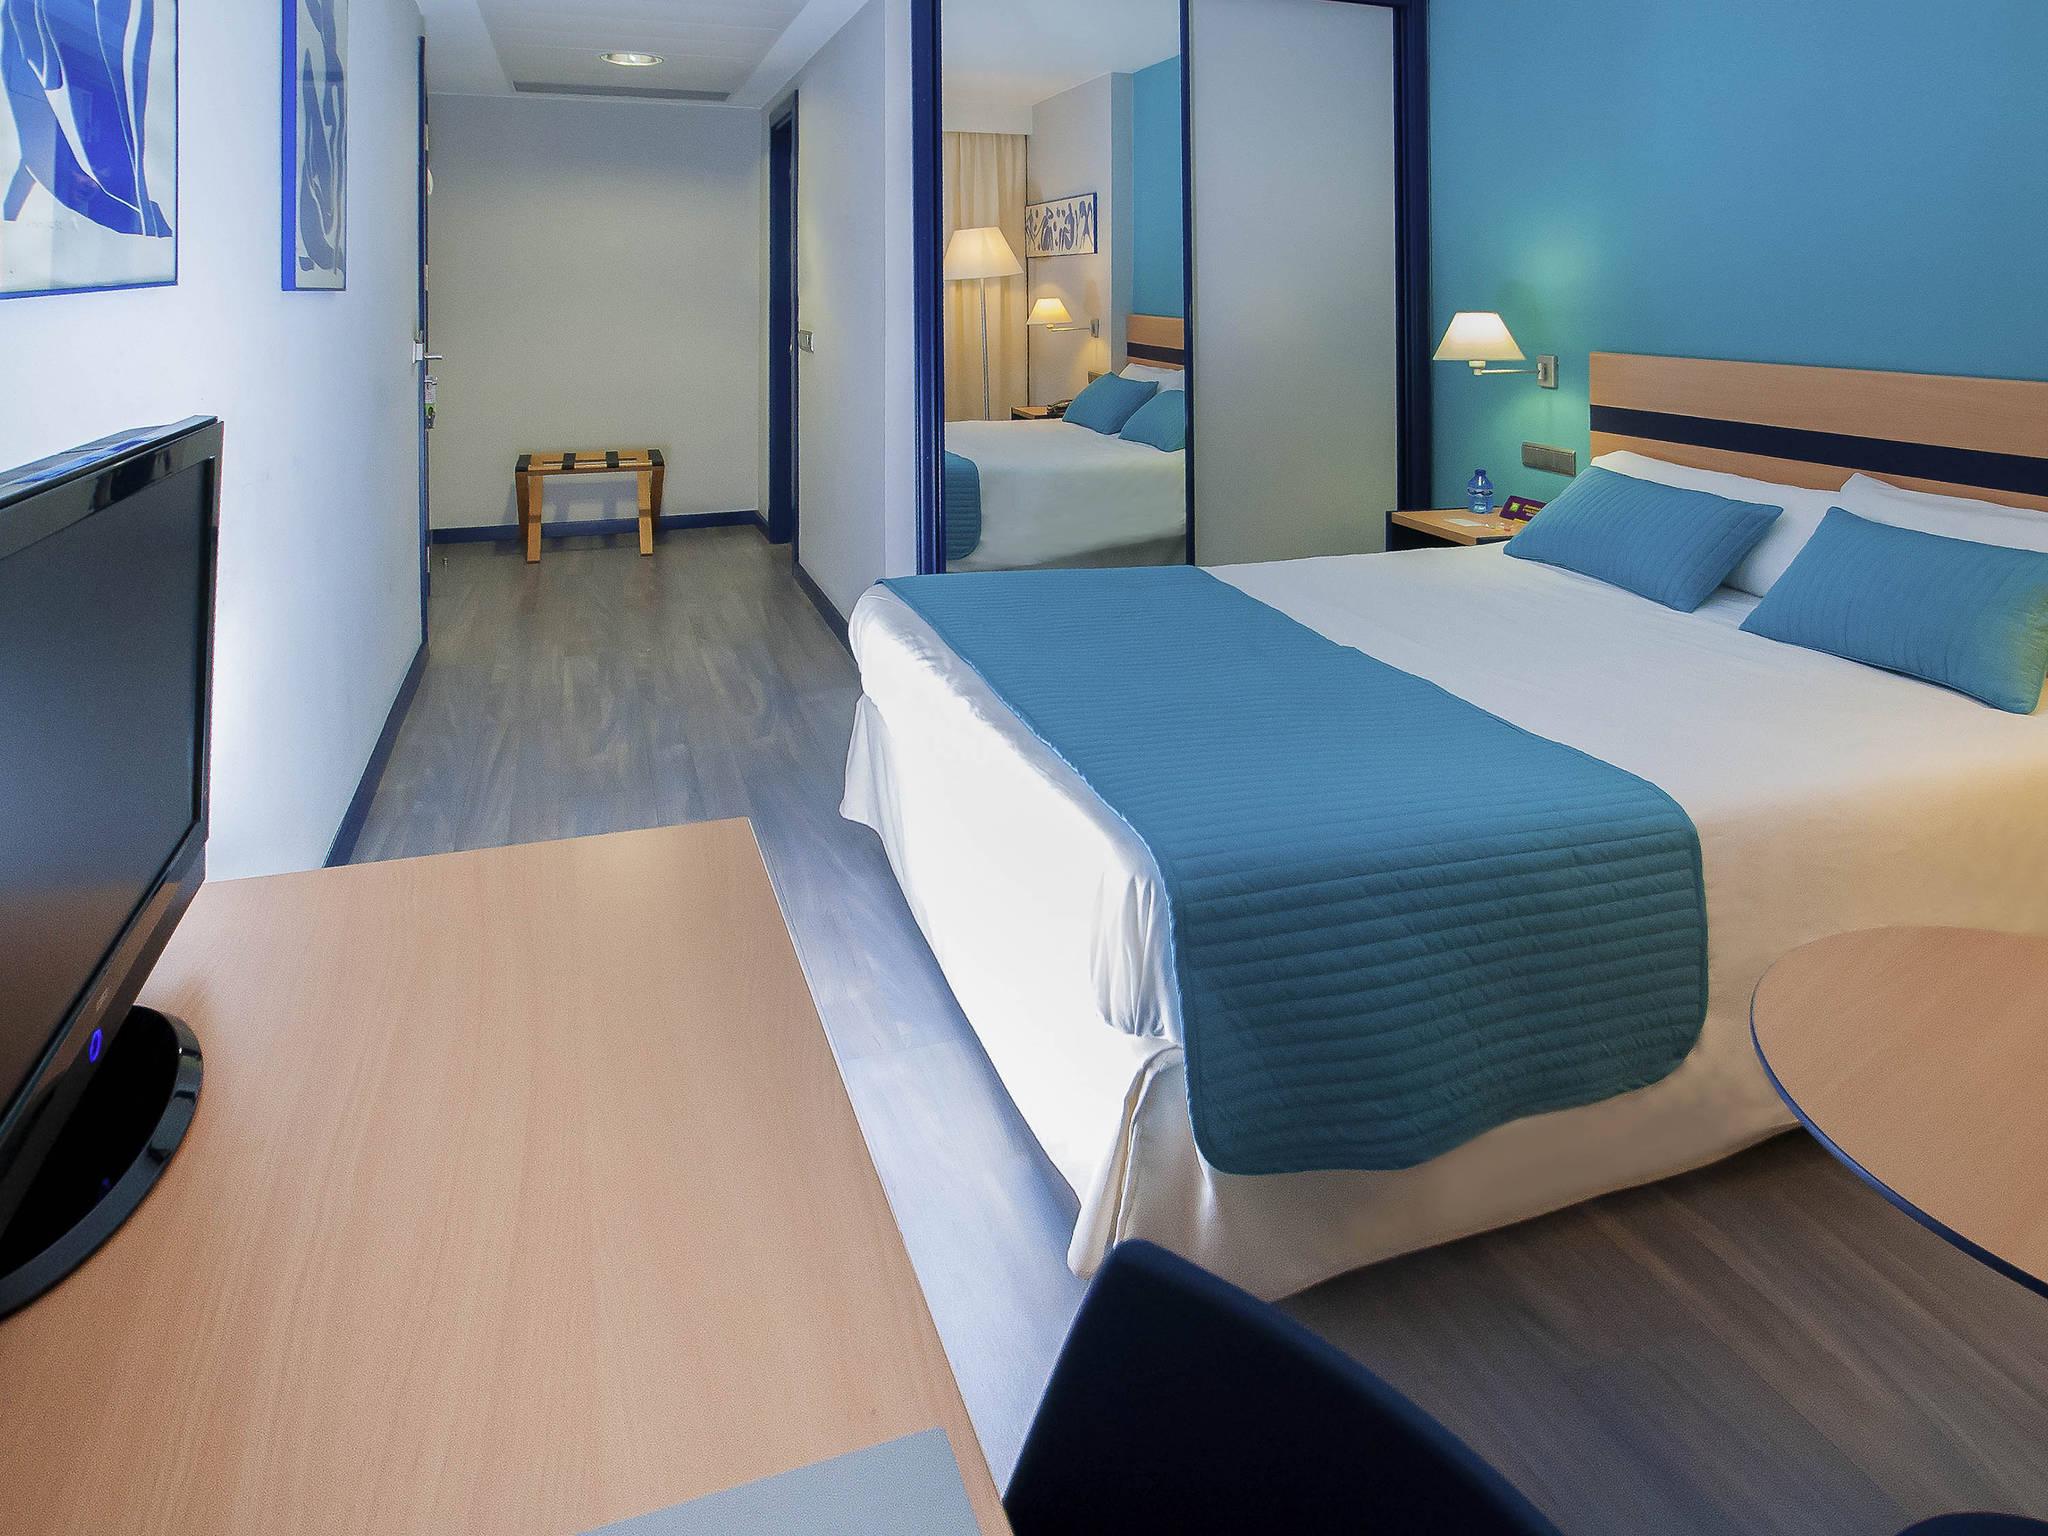 hotel in zaragoza book at this ibis styles hotel in zaragoza